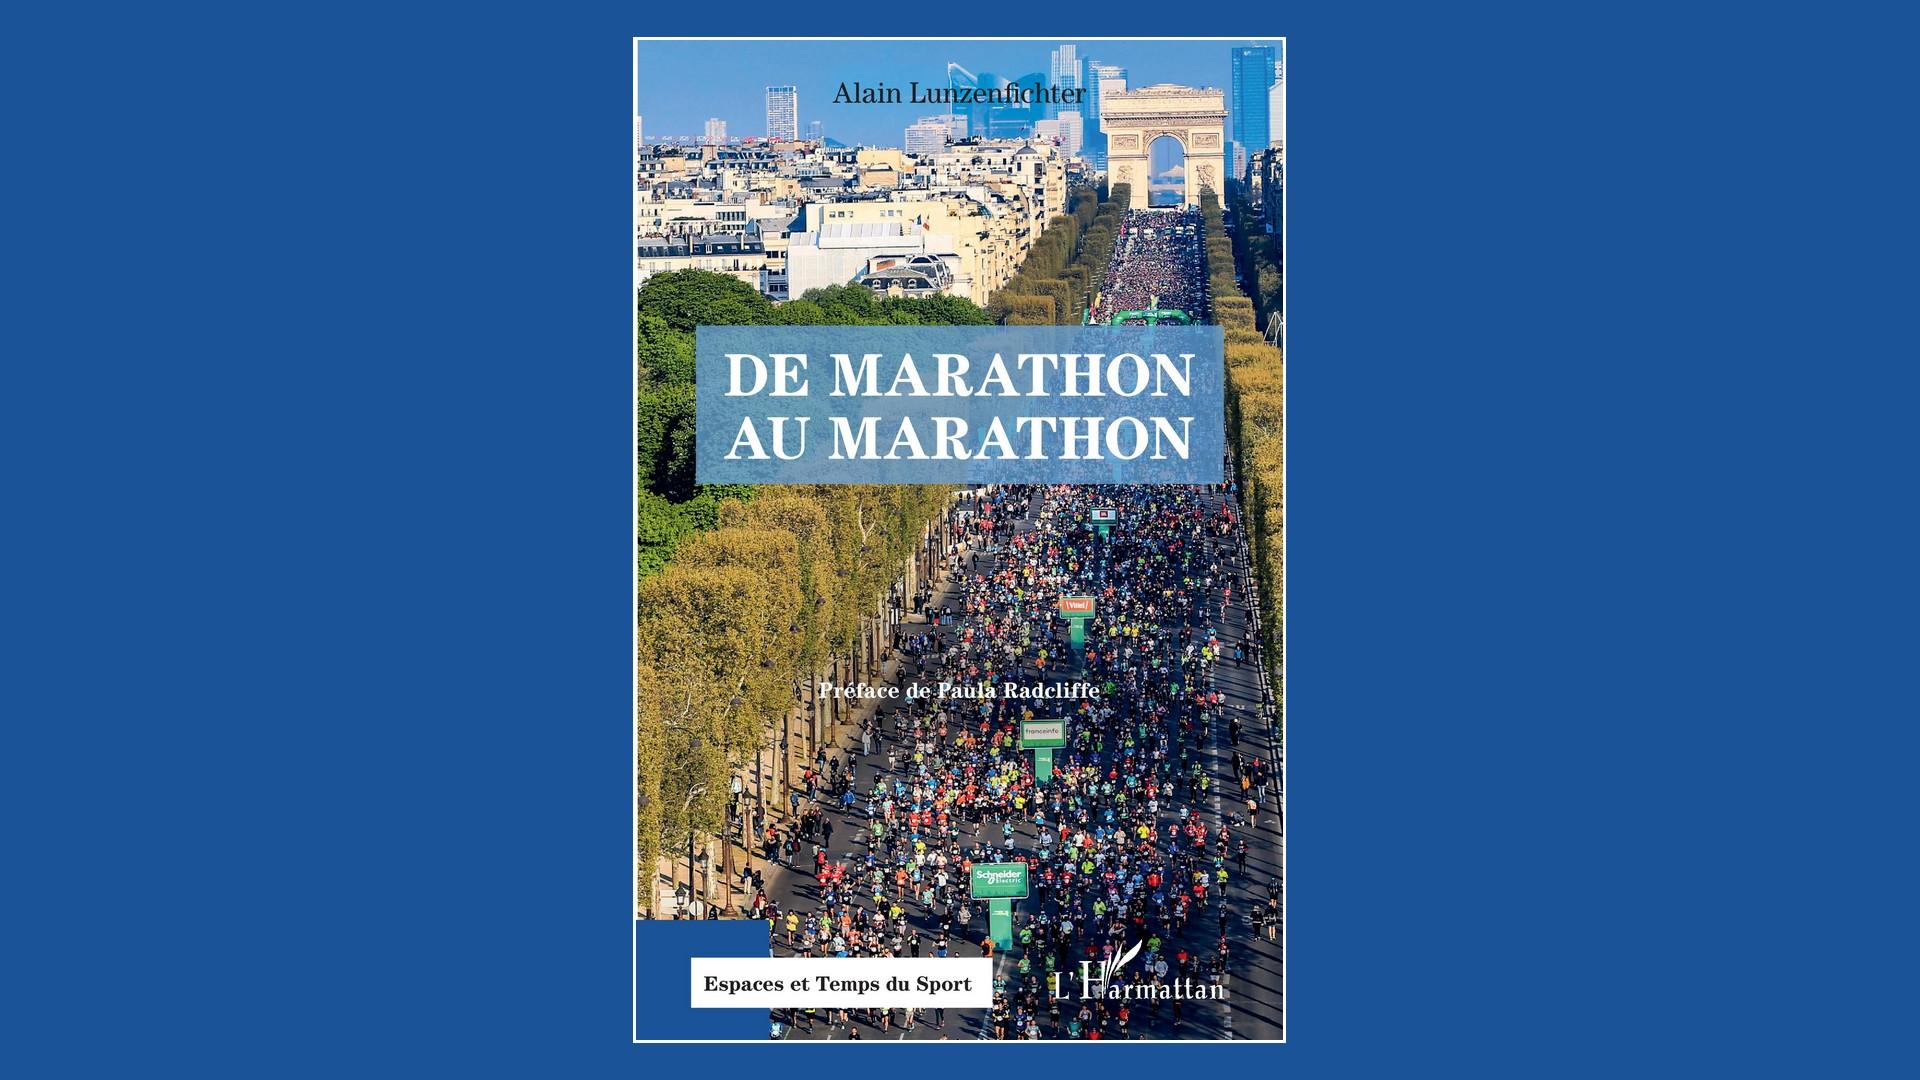 Livres – De Marathon au marathon – Alain Lunzenfichter (2021)